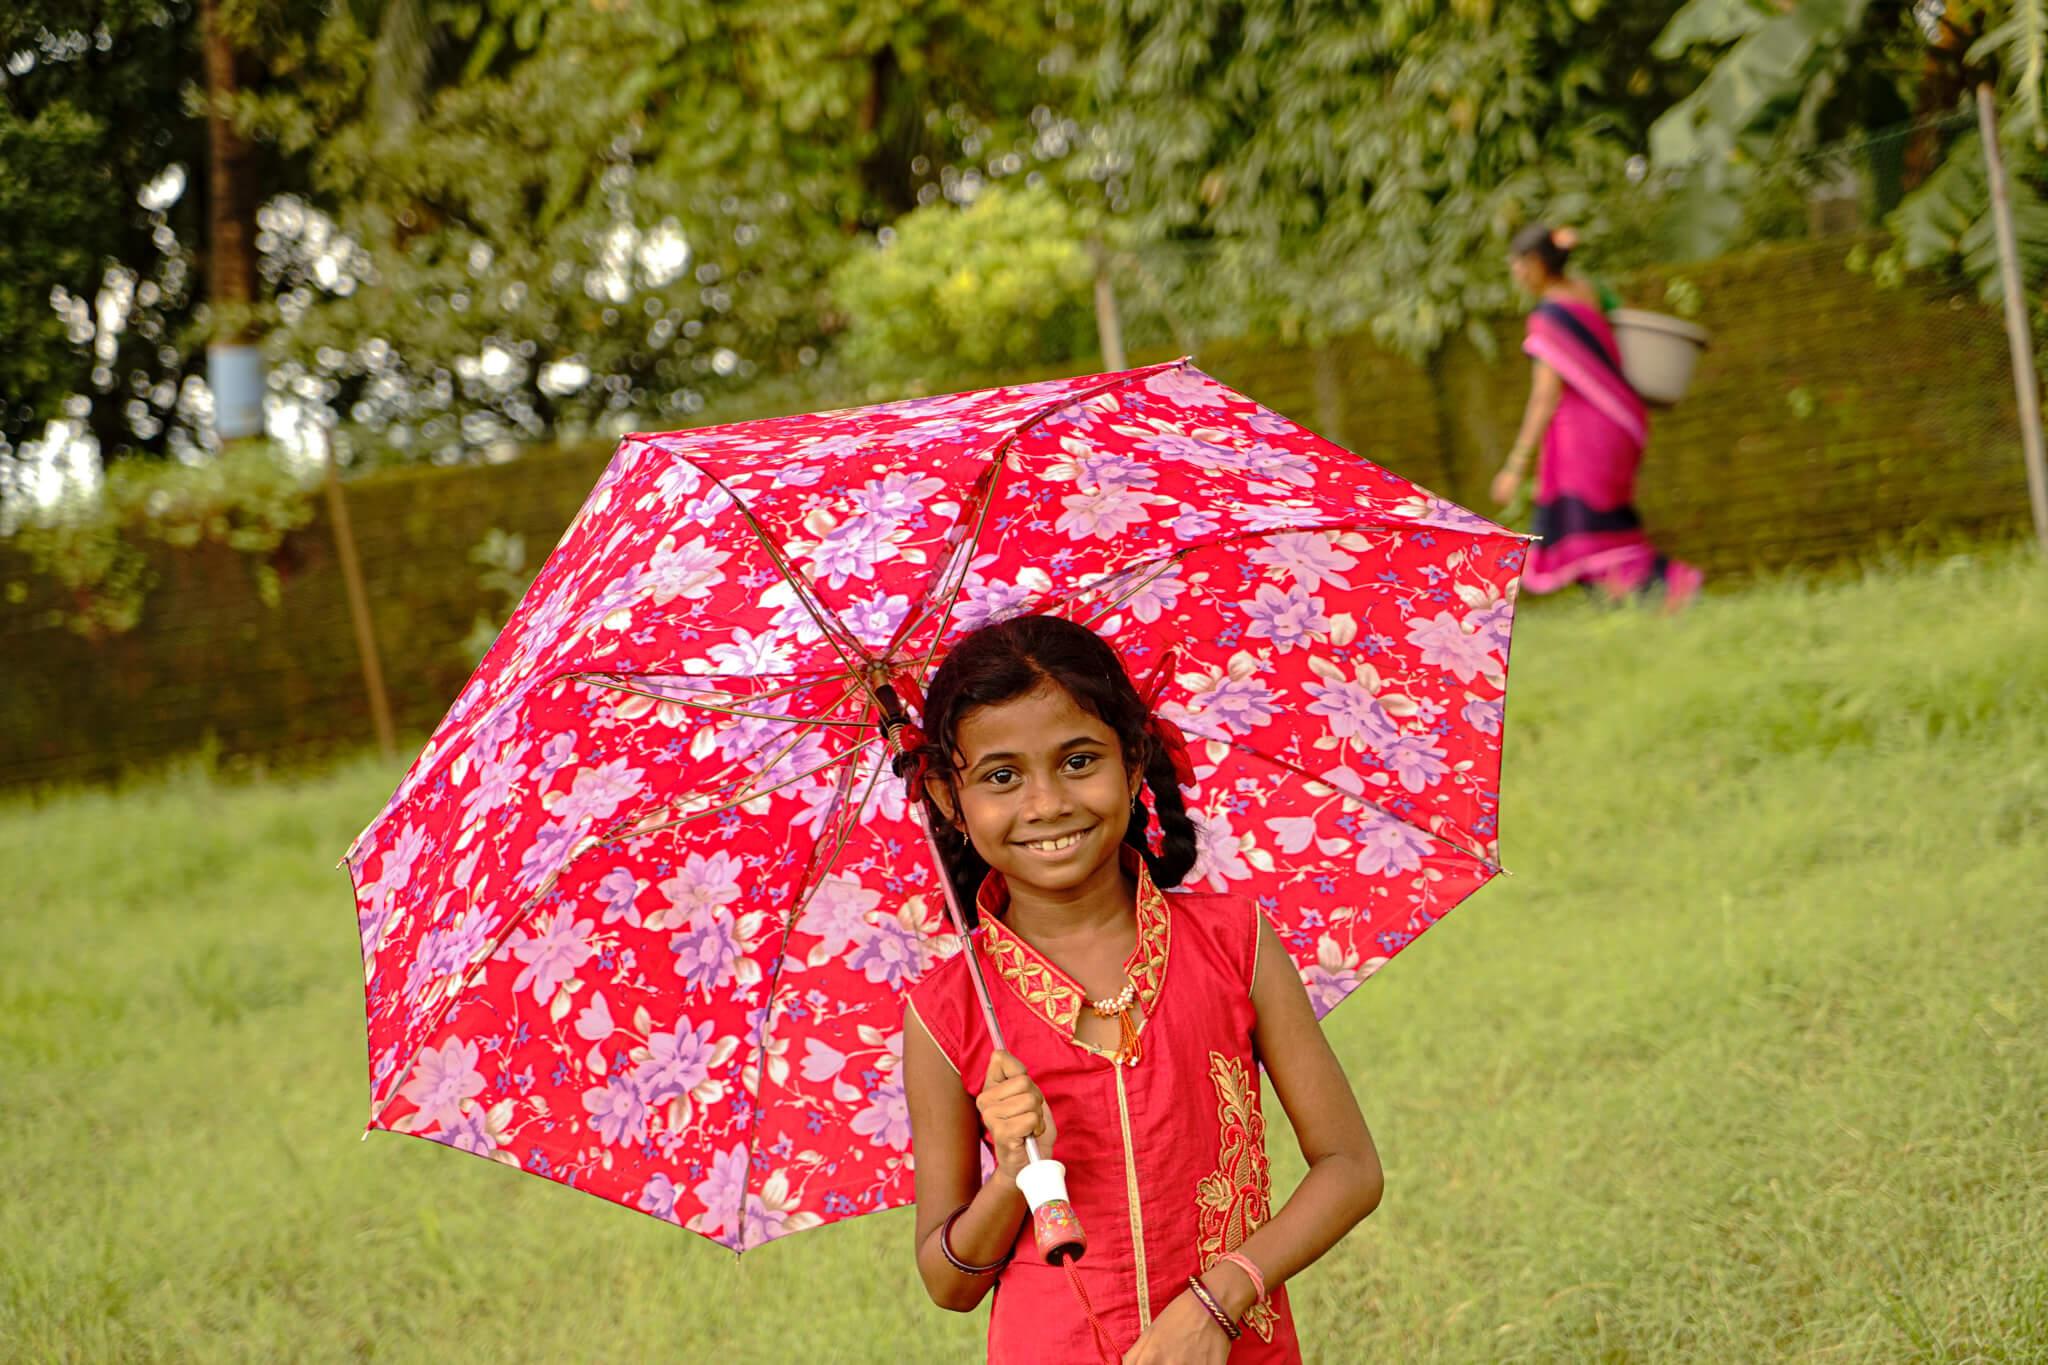 Alle fadderbarna får solide paraplyer før regntiden